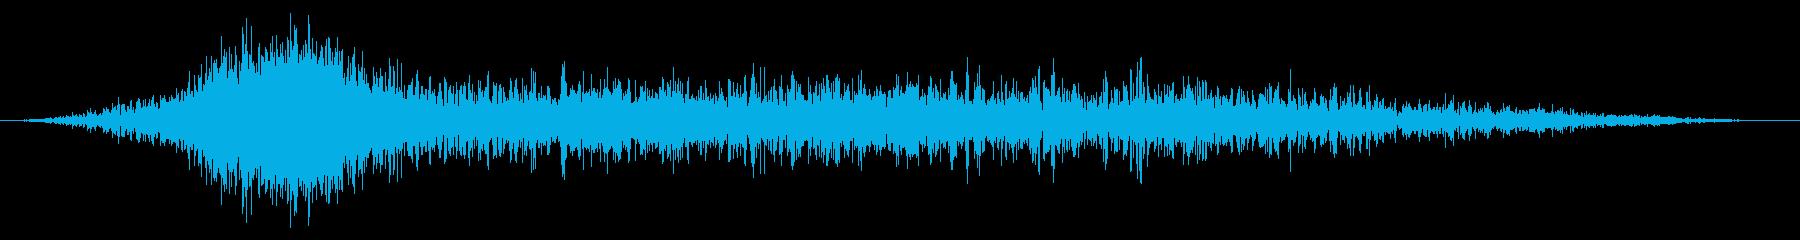 トランジション ガラガラヒット01の再生済みの波形